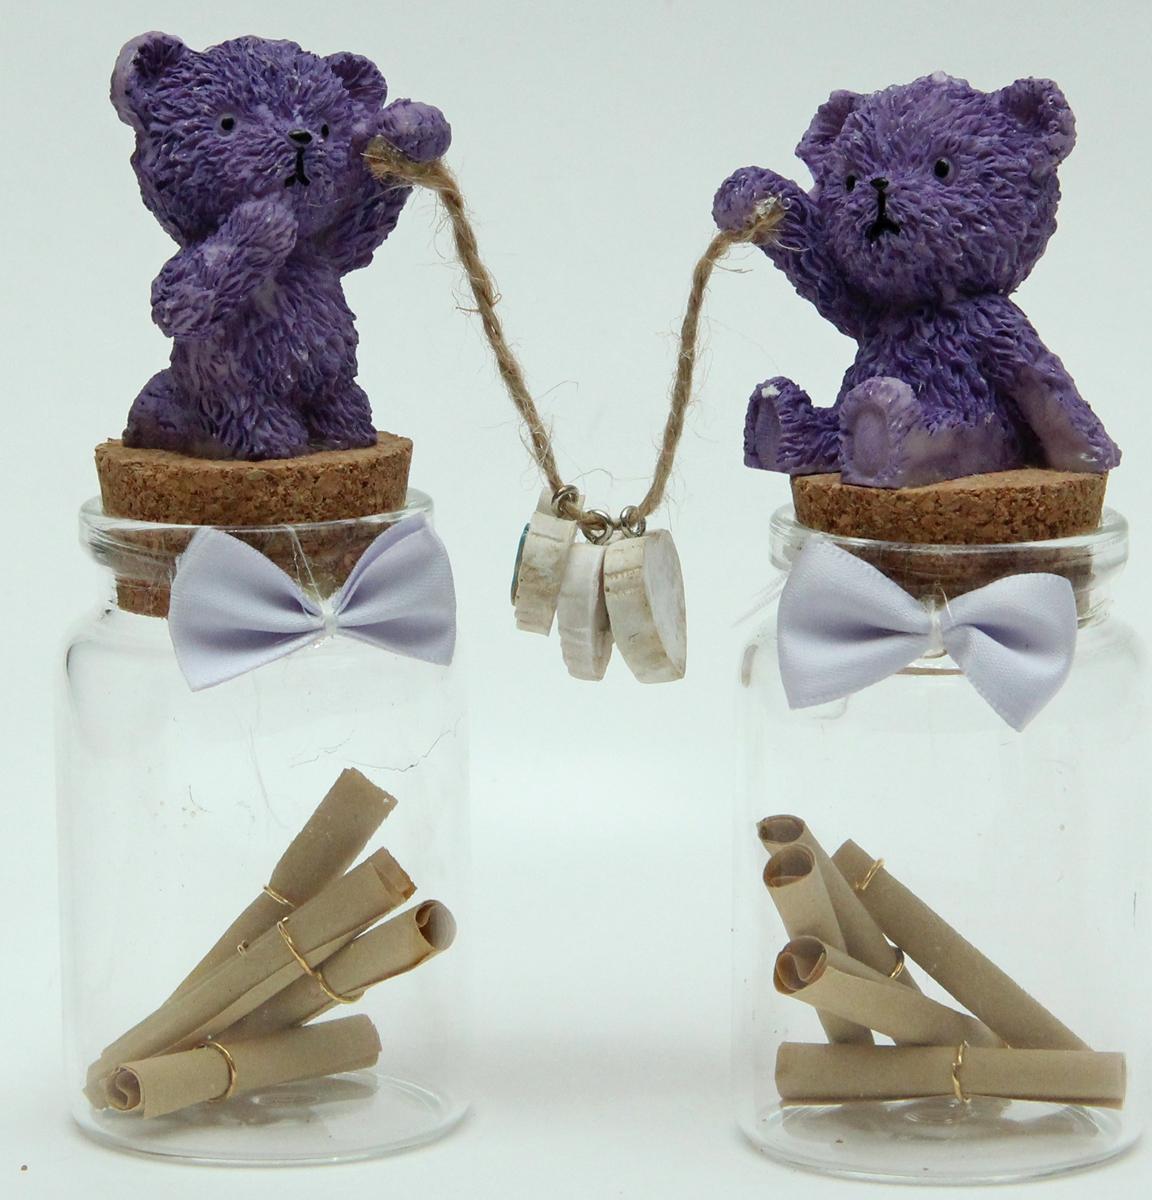 """Набор подарочный """"Медвежата"""" от Magic Home - это 2 стеклянные баночки для хранения записок. Агломерированные пробки украшены фигурками из полирезины, в комплекте с бумажными свитками для записей - 5 штук в каждой баночке. Такой набор послужит прекрасным подарком по любому поводу."""